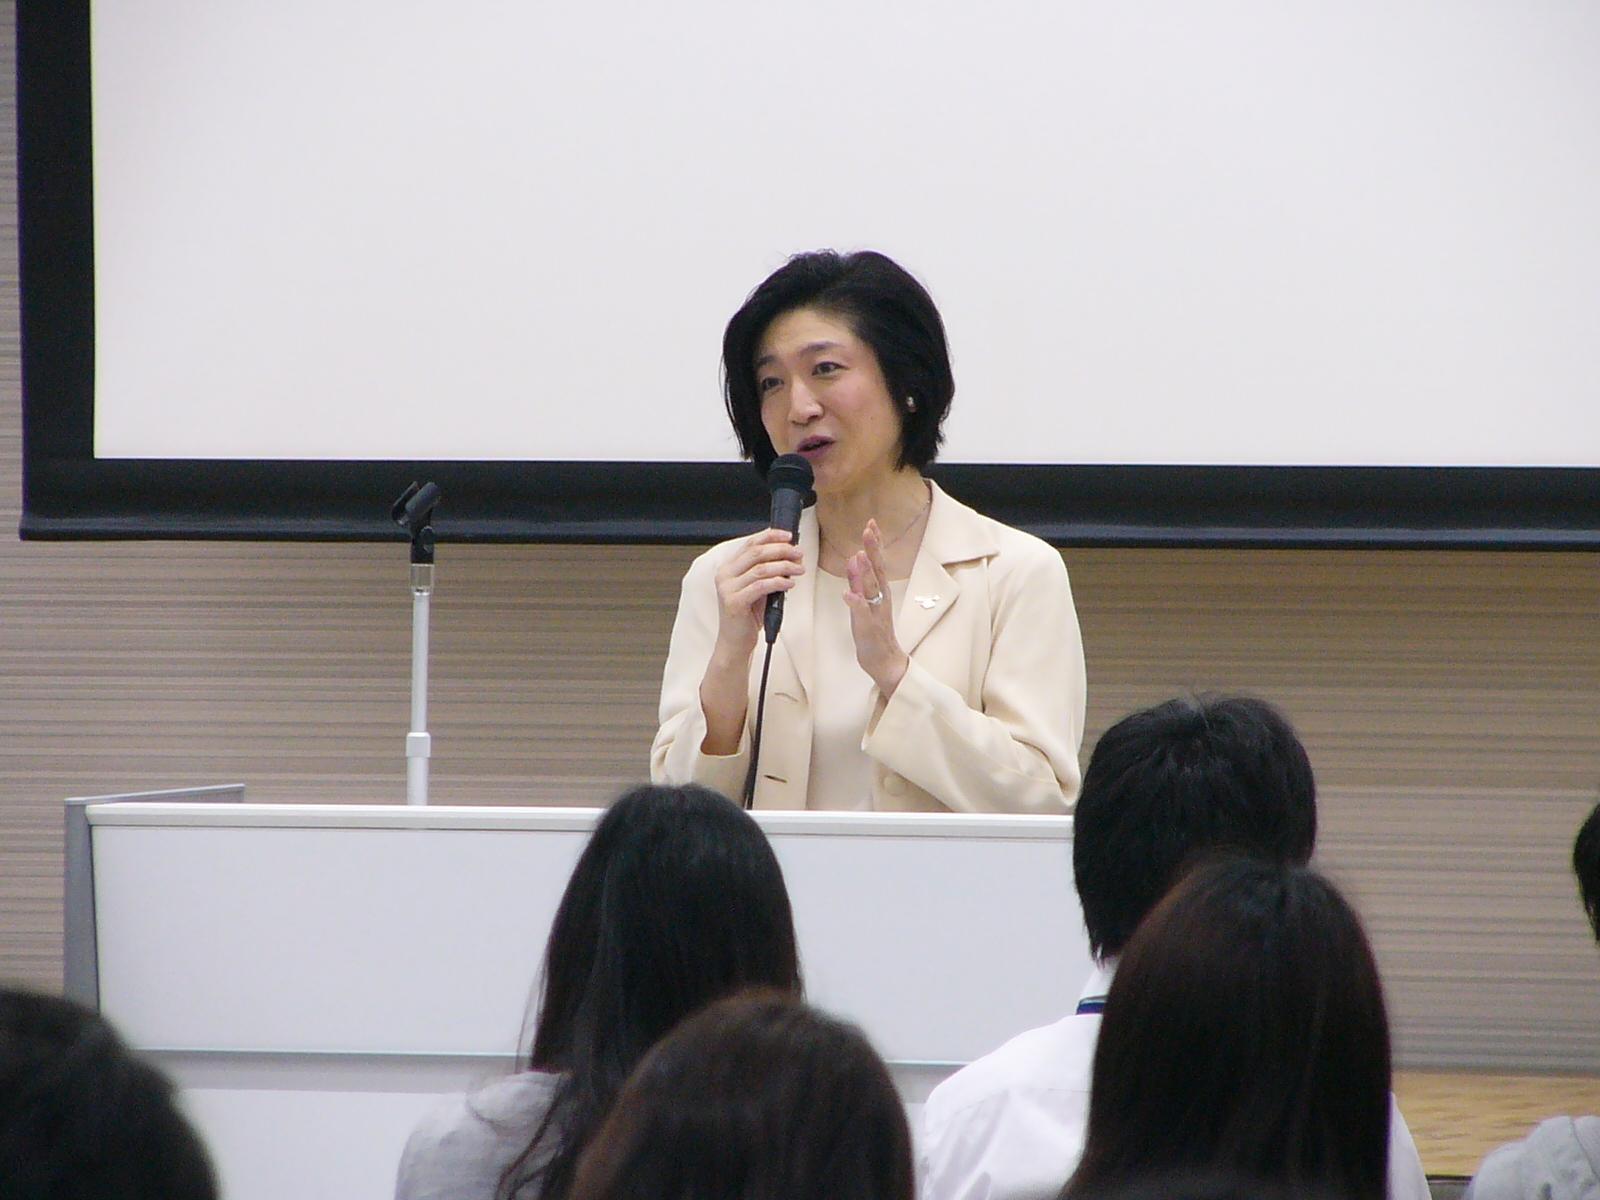 パナソニック株式会社 執行役員 小川理子